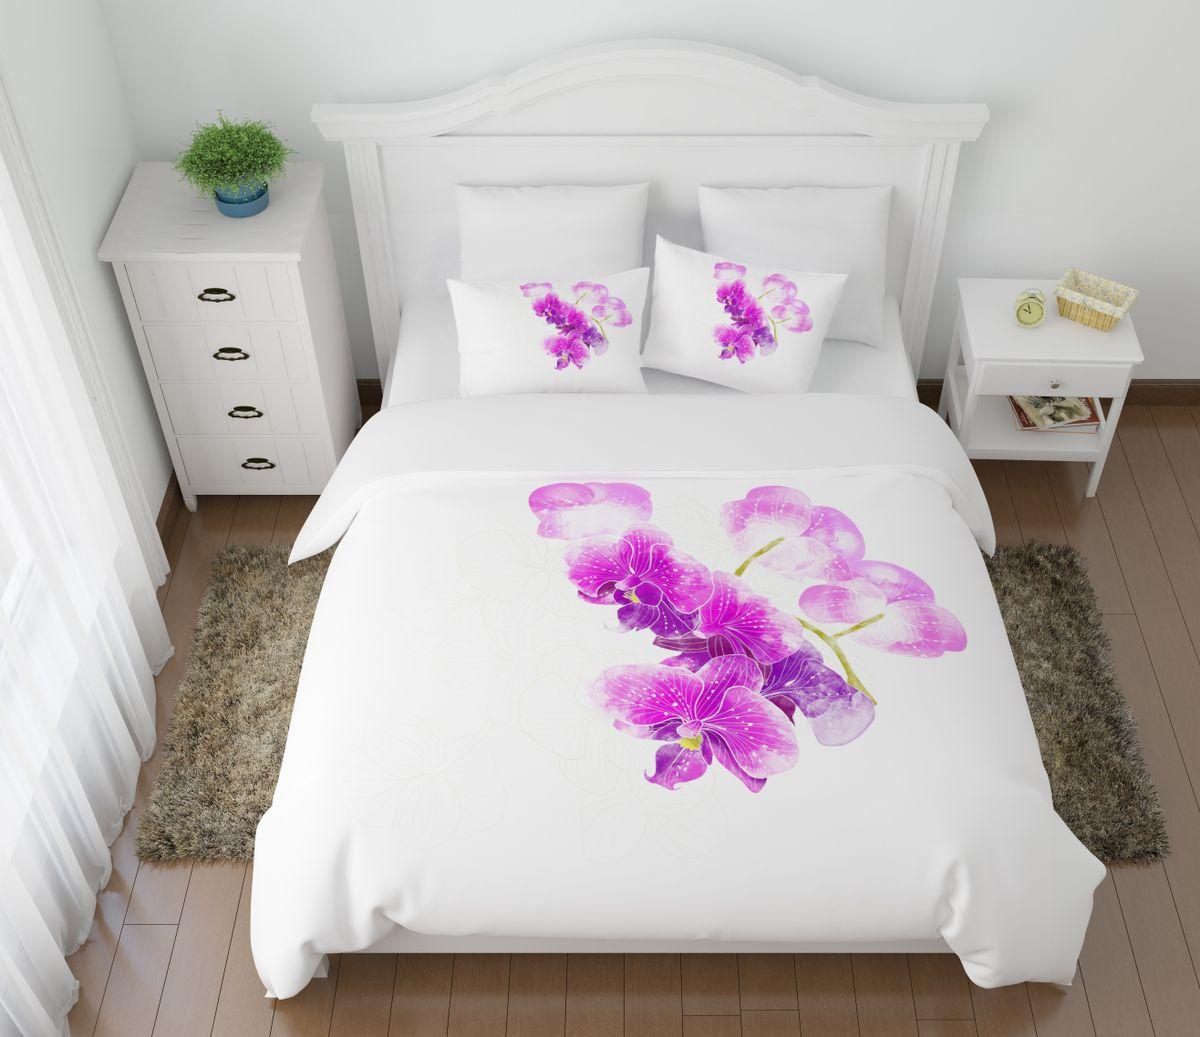 Комплект белья Сирень Ветка орхидеи, евро, наволочки 50x70, 70х7008428-КПБЕ-МКомплект постельного белья Сирень выполнен из прочной и мягкой ткани. Четкий и стильный рисунок в сочетании с насыщенными красками делают комплект постельного белья неповторимой изюминкой любого интерьера.Постельное белье идеально подойдет для подарка. Идеальное соотношение смешенной ткани и гипоаллергенных красок - это гарантия здорового, спокойного сна. Ткань хорошо впитывает влагу, надолго сохраняет яркость красок.В комплект входят: простыня, пододеяльник, четыре наволочки. Постельное белье легко стирать при 30-40°С, гладить при 150°С, не отбеливать. Рекомендуется перед первым использованием постирать.УВАЖАЕМЫЕ КЛИЕНТЫ! Обращаем ваше внимание, что цвет простыни, пододеяльника, наволочки в комплектации может немного отличаться от представленного на фото.